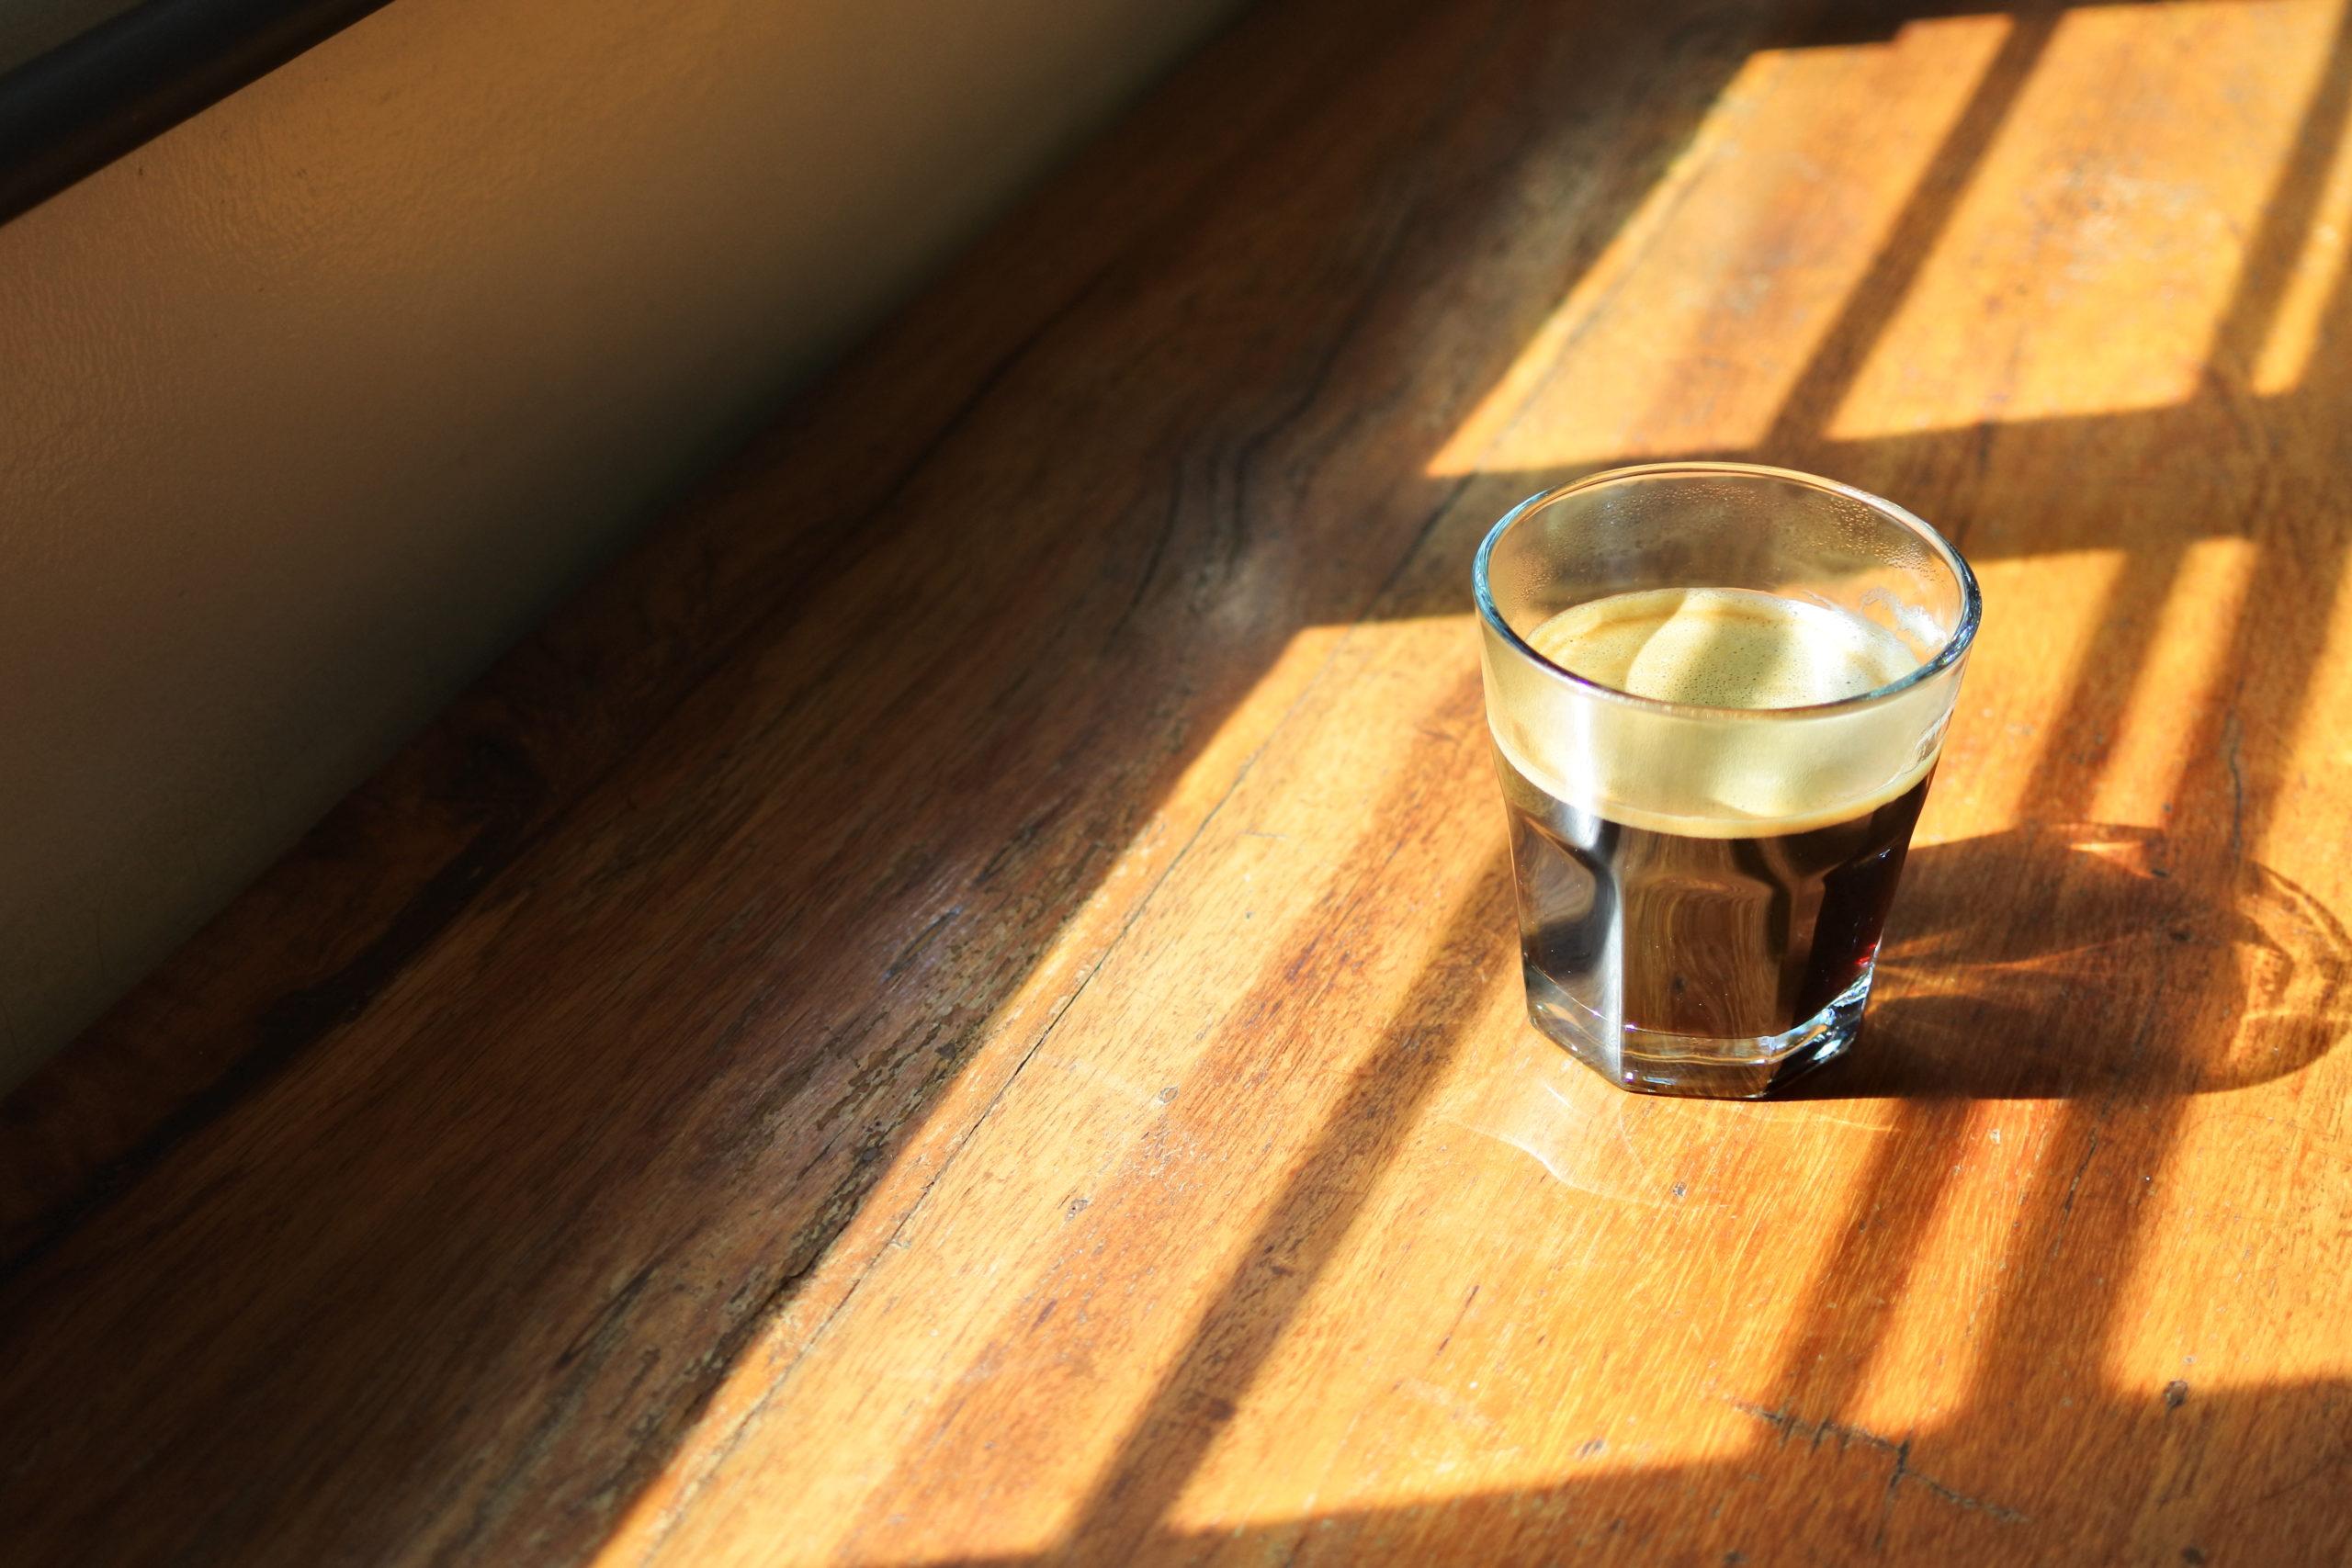 フィリピンで一番おいしいコーヒーを出すとささやかれるカフェ